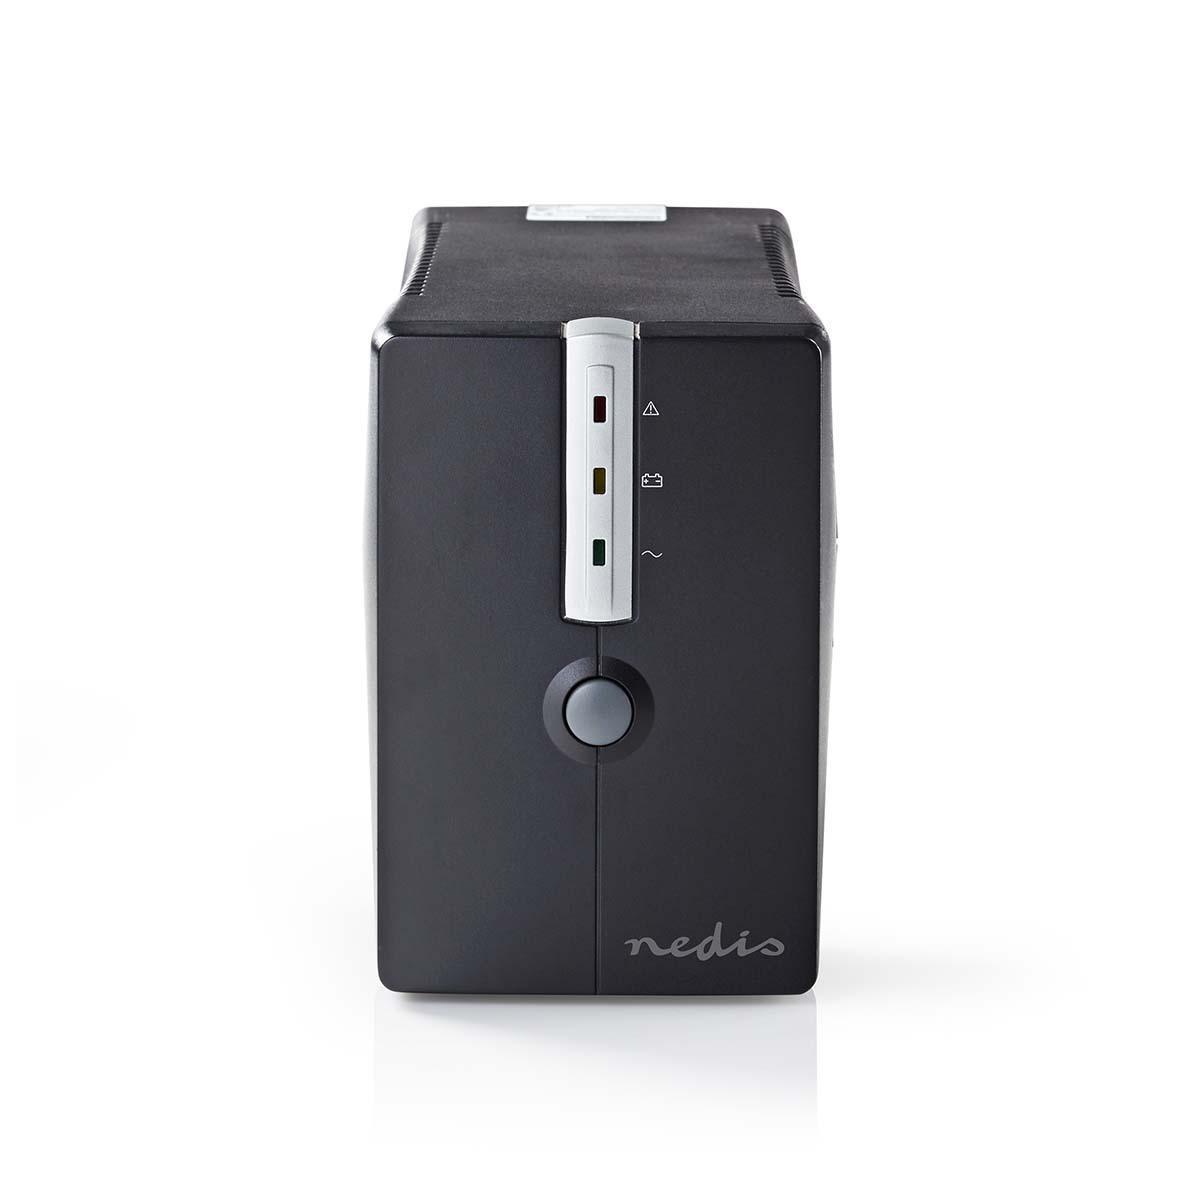 Proteja seu computador e arquivos valiosos contra quedas de energia e picos de energia com este poderoso UPS de 650A. A bateria interna oferece 10 minutos para salvar arquivos e desligar o computador corretamente durante uma falha de energia. Com o softwa